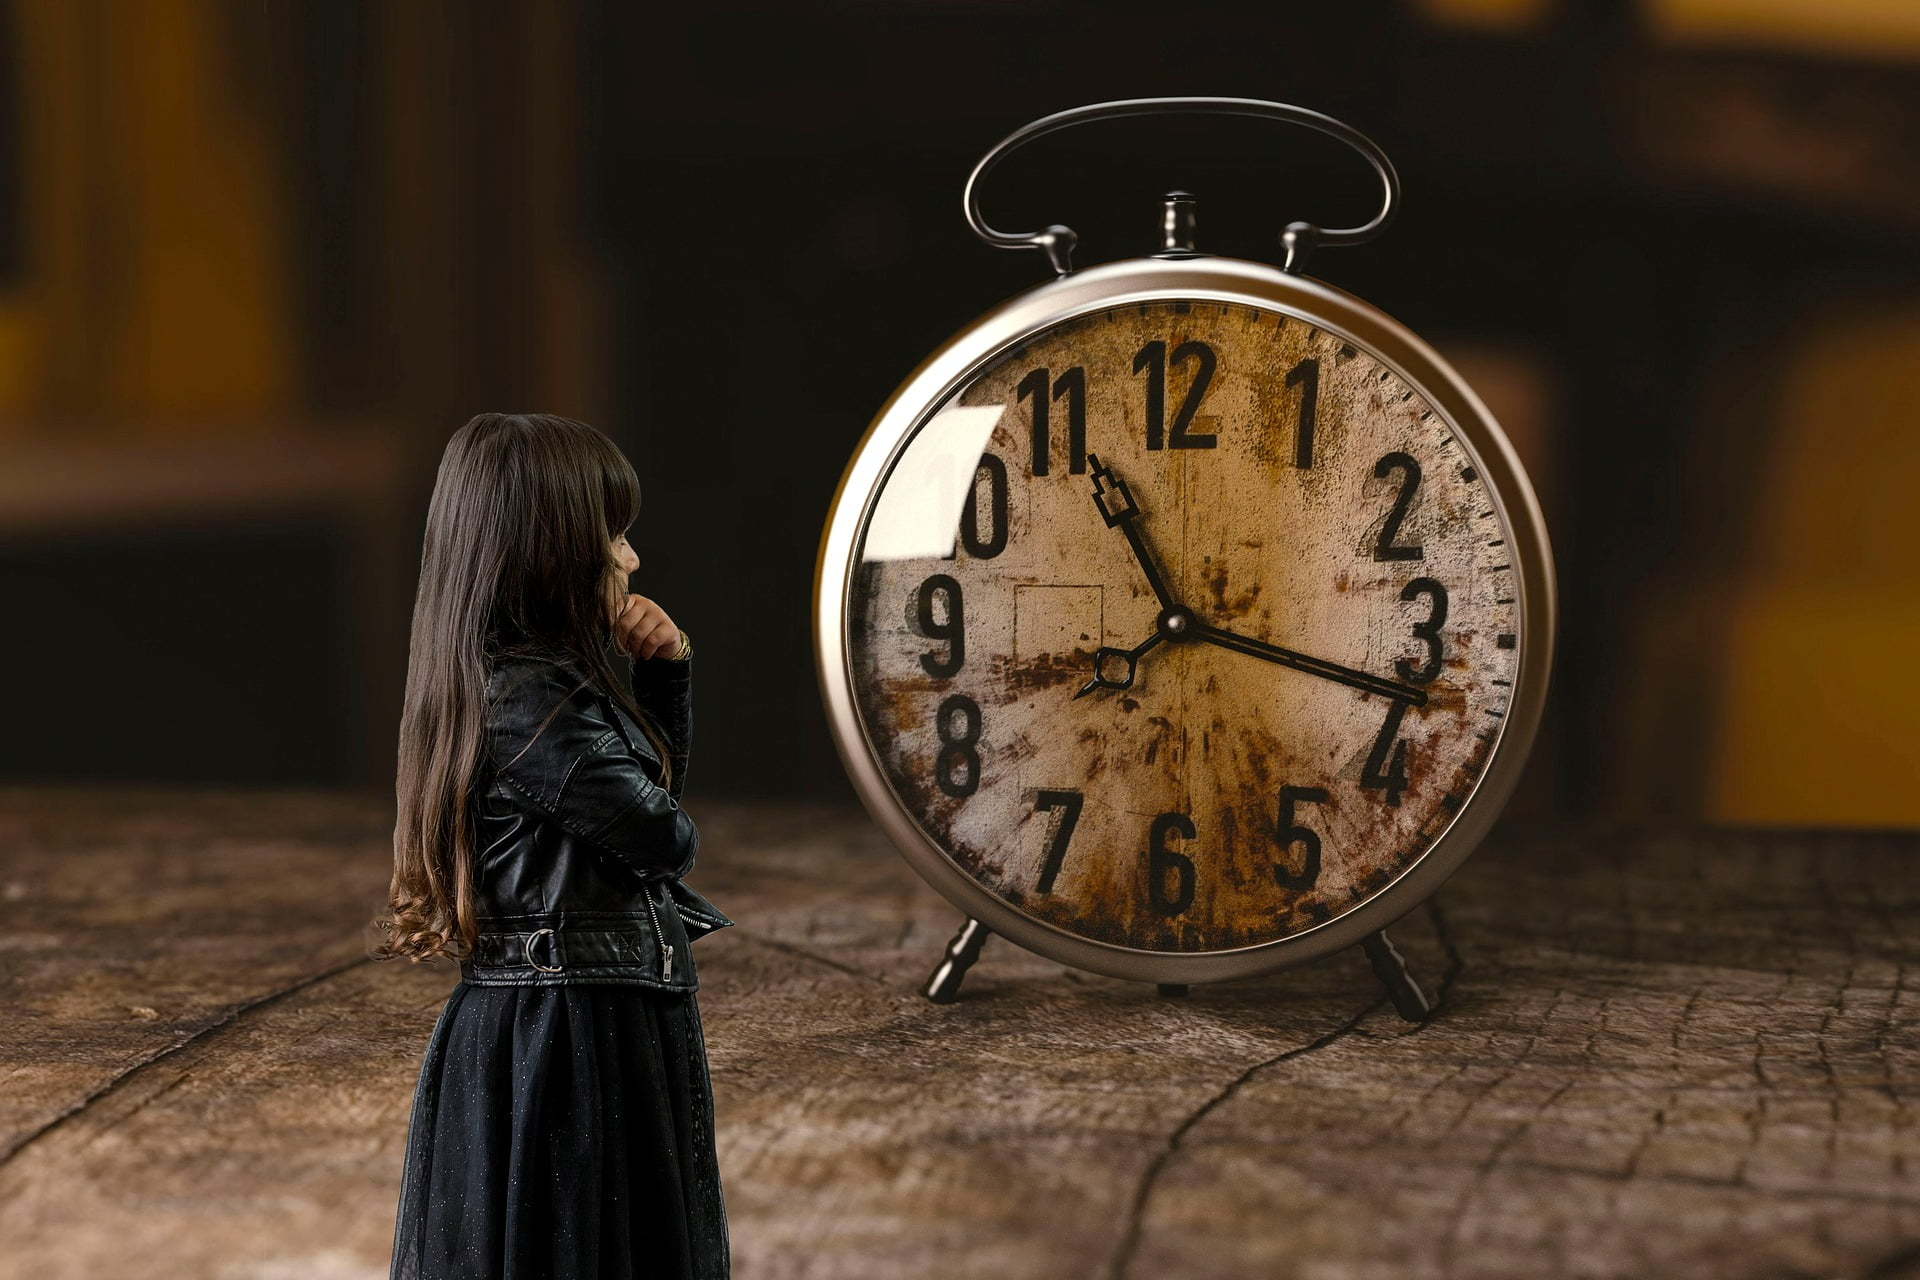 Dziewczynka, która patrzy na budzik i zastanawia się, która jest godzina